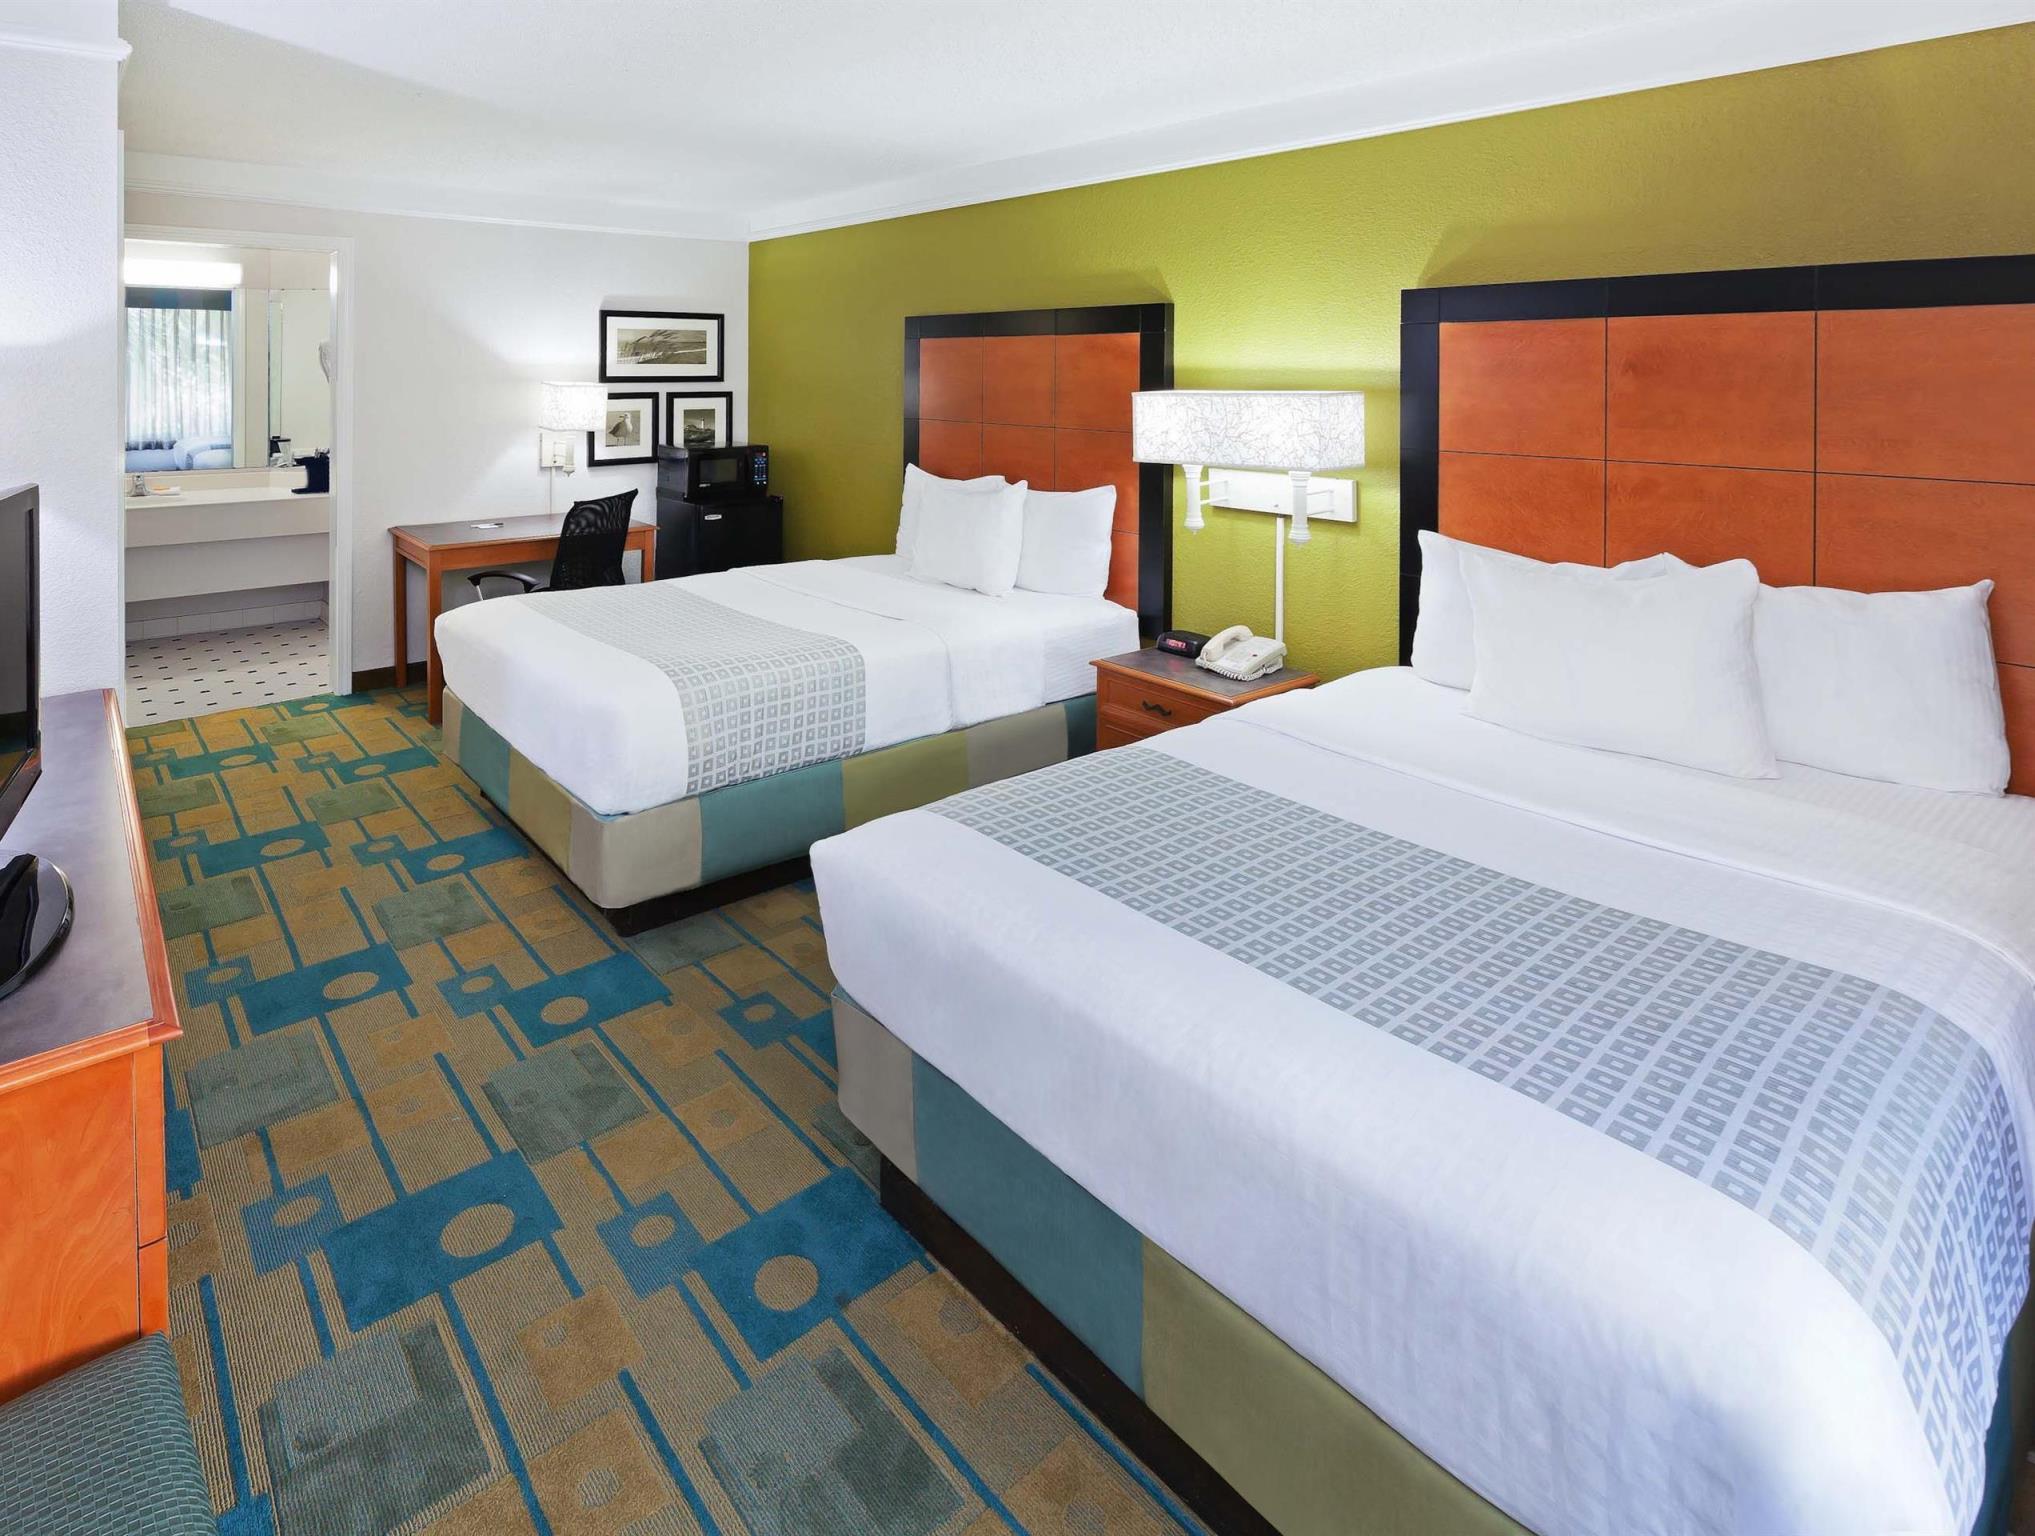 La Quinta Inn By Wyndham New Orleans Slidell